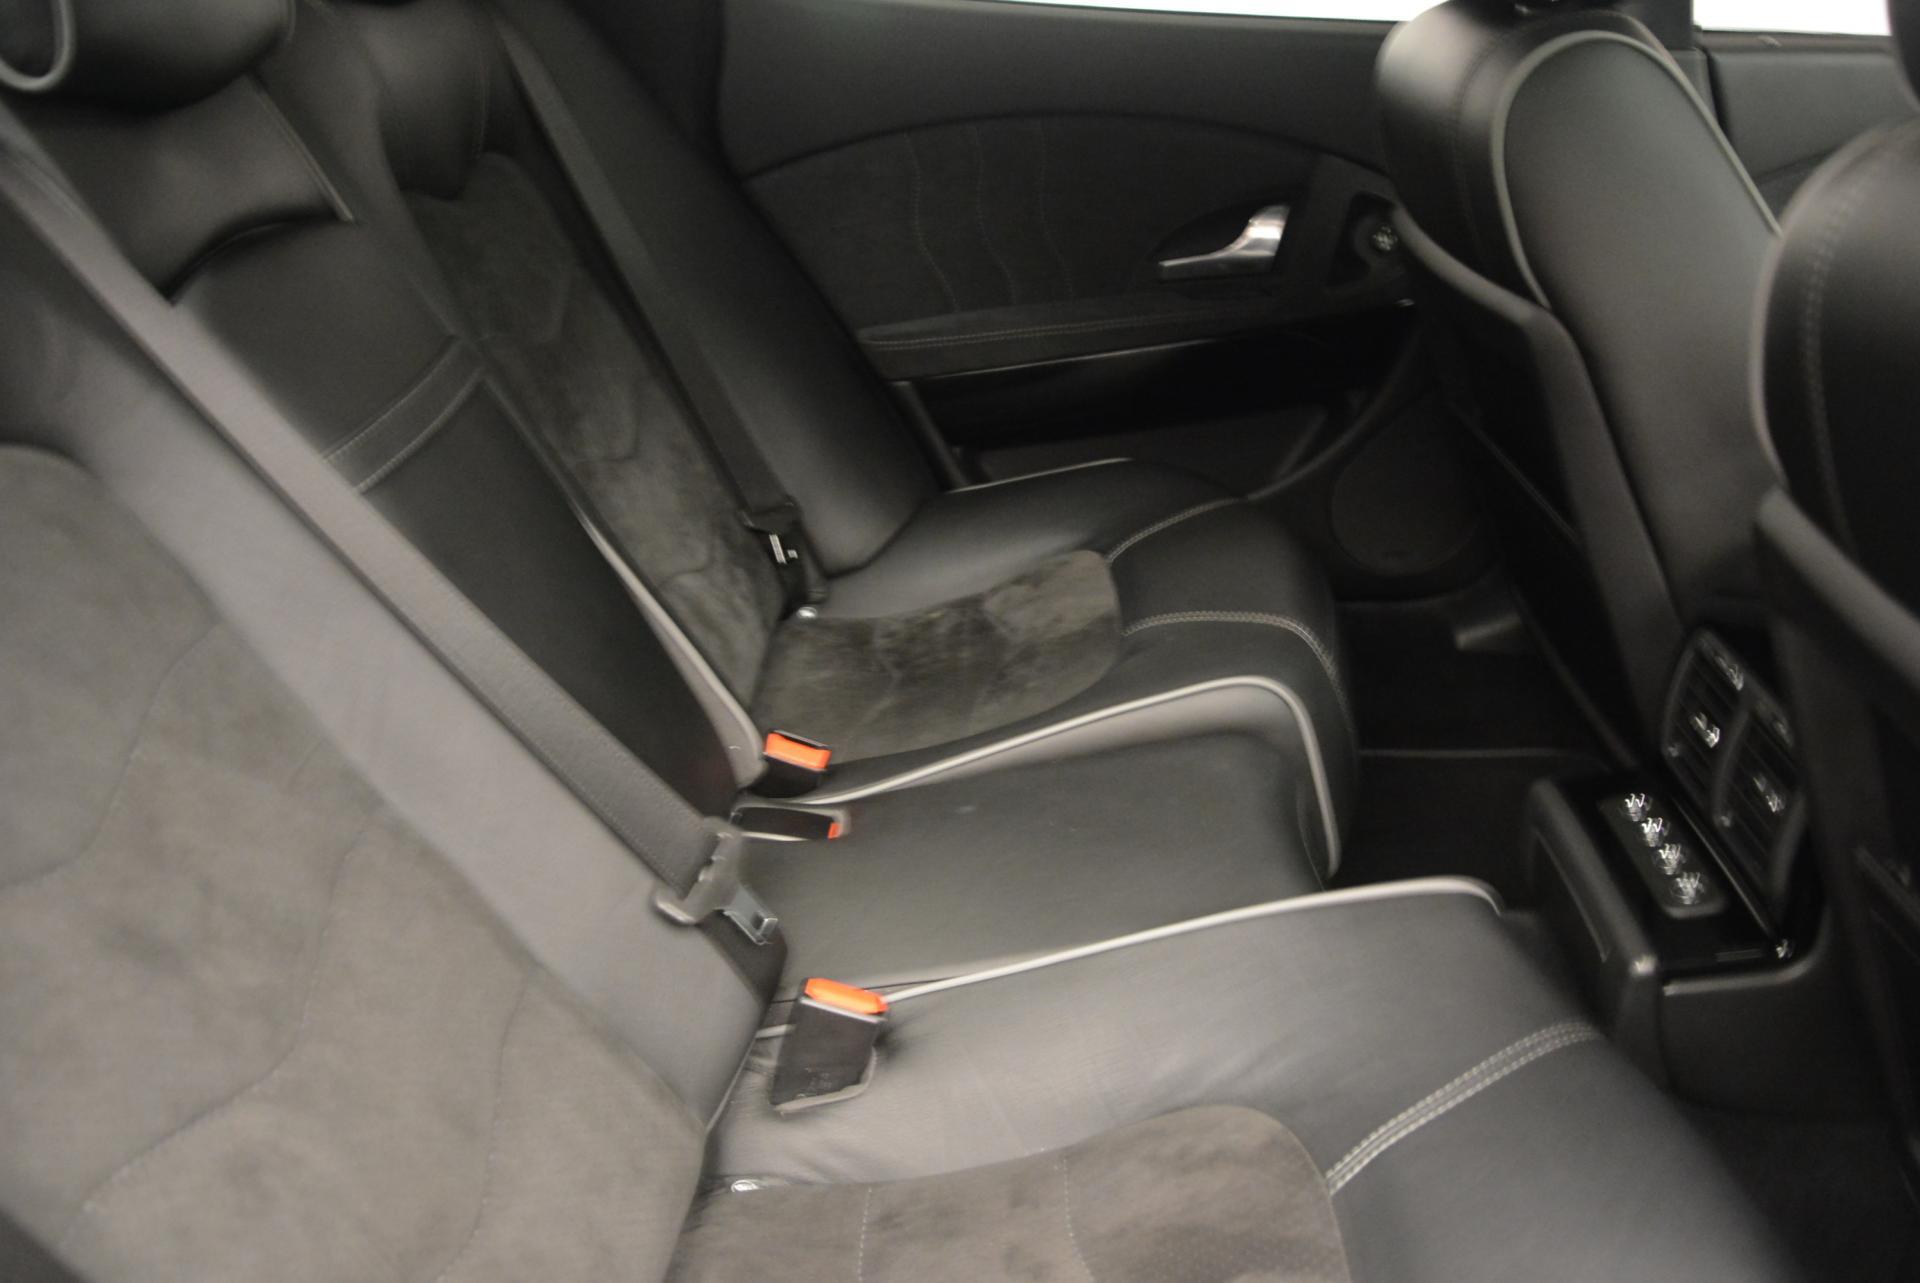 Used 2011 Maserati Quattroporte Sport GT S For Sale In Greenwich, CT 531_p27